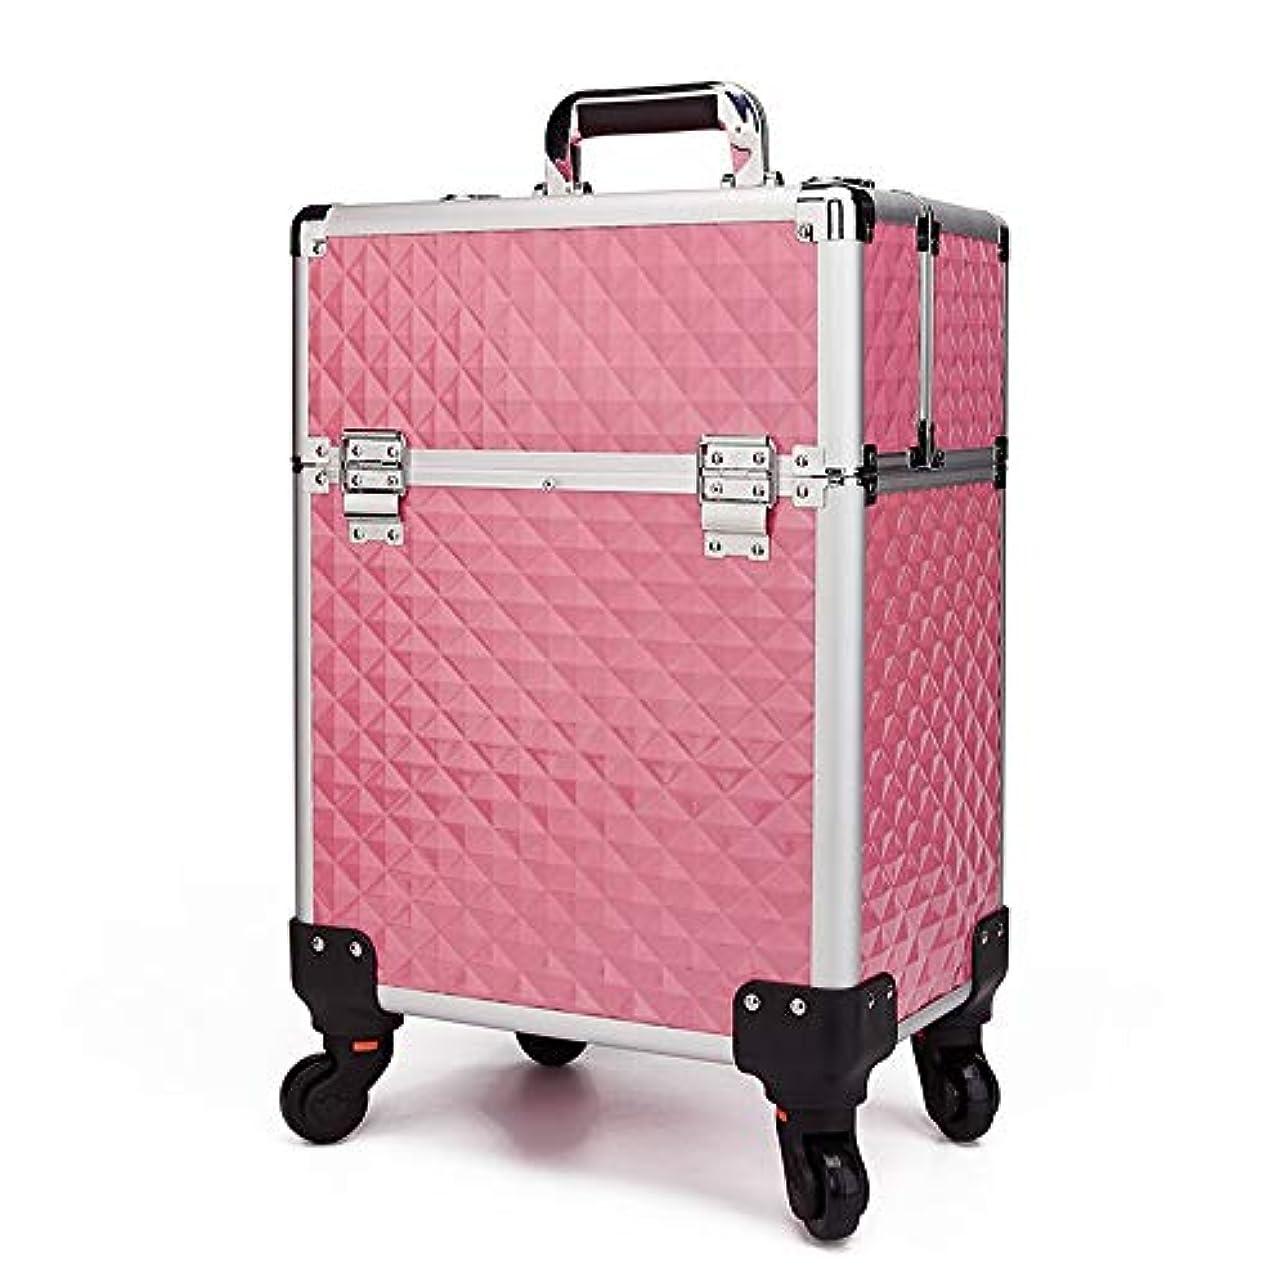 削除する予定レンダリング特大スペース収納ビューティーボックス 女の子の女性旅行のための新しく、実用的な携帯用化粧箱およびロックおよび皿が付いている毎日の貯蔵 化粧品化粧台 (色 : ピンク)